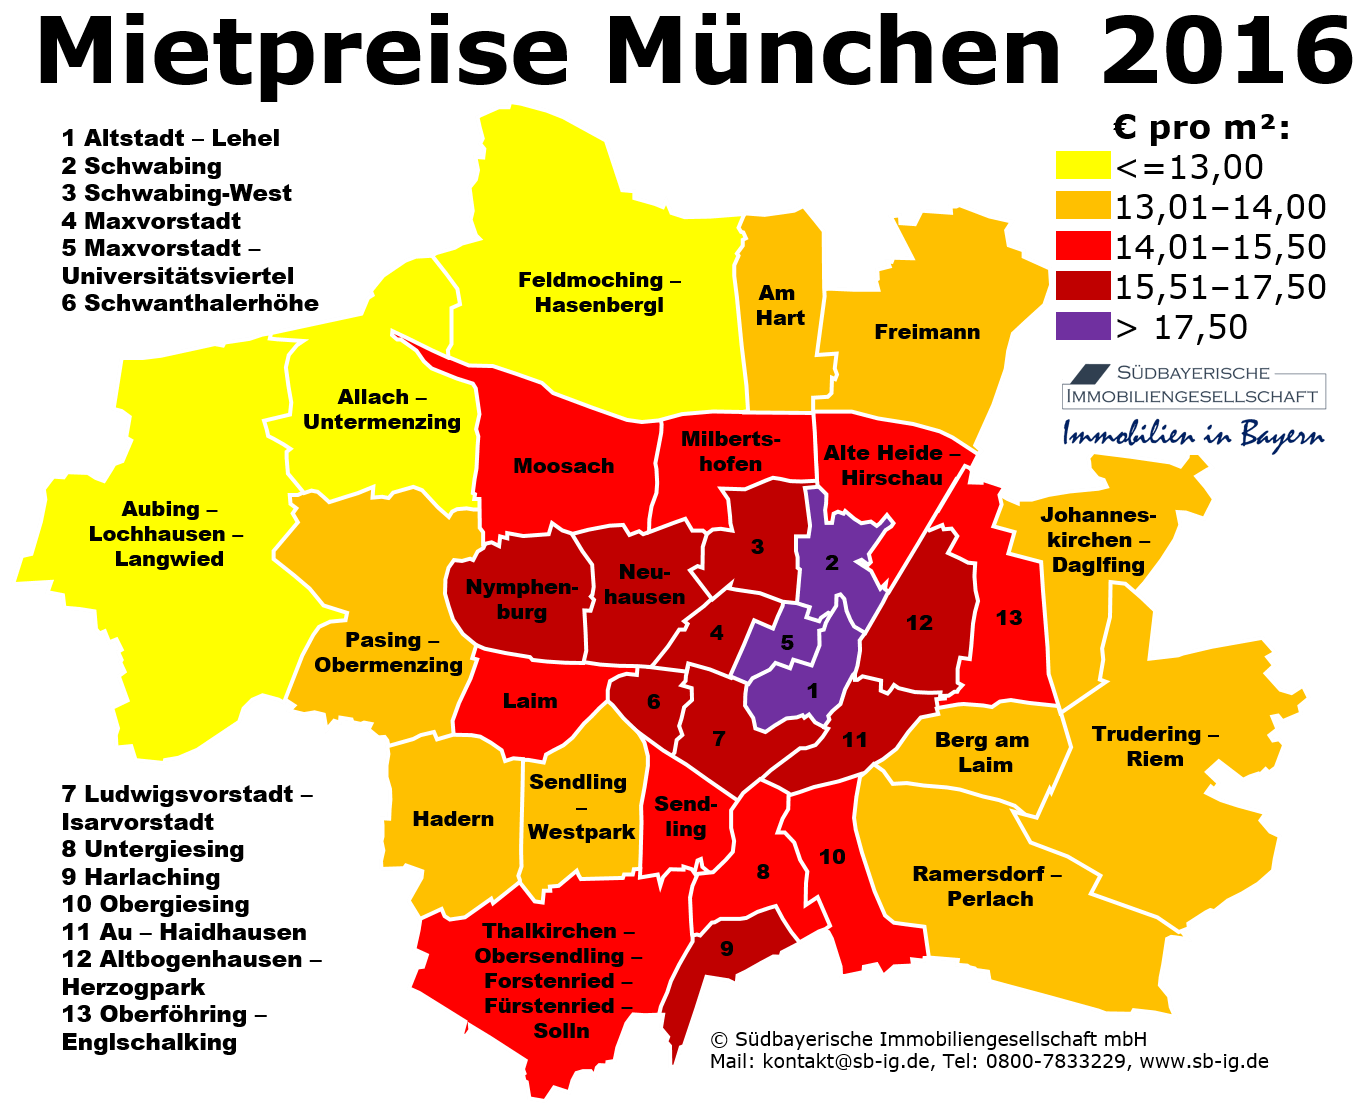 Karte München Stadtteile.Mietpreise Mietspiegel München Stadtteile Karte